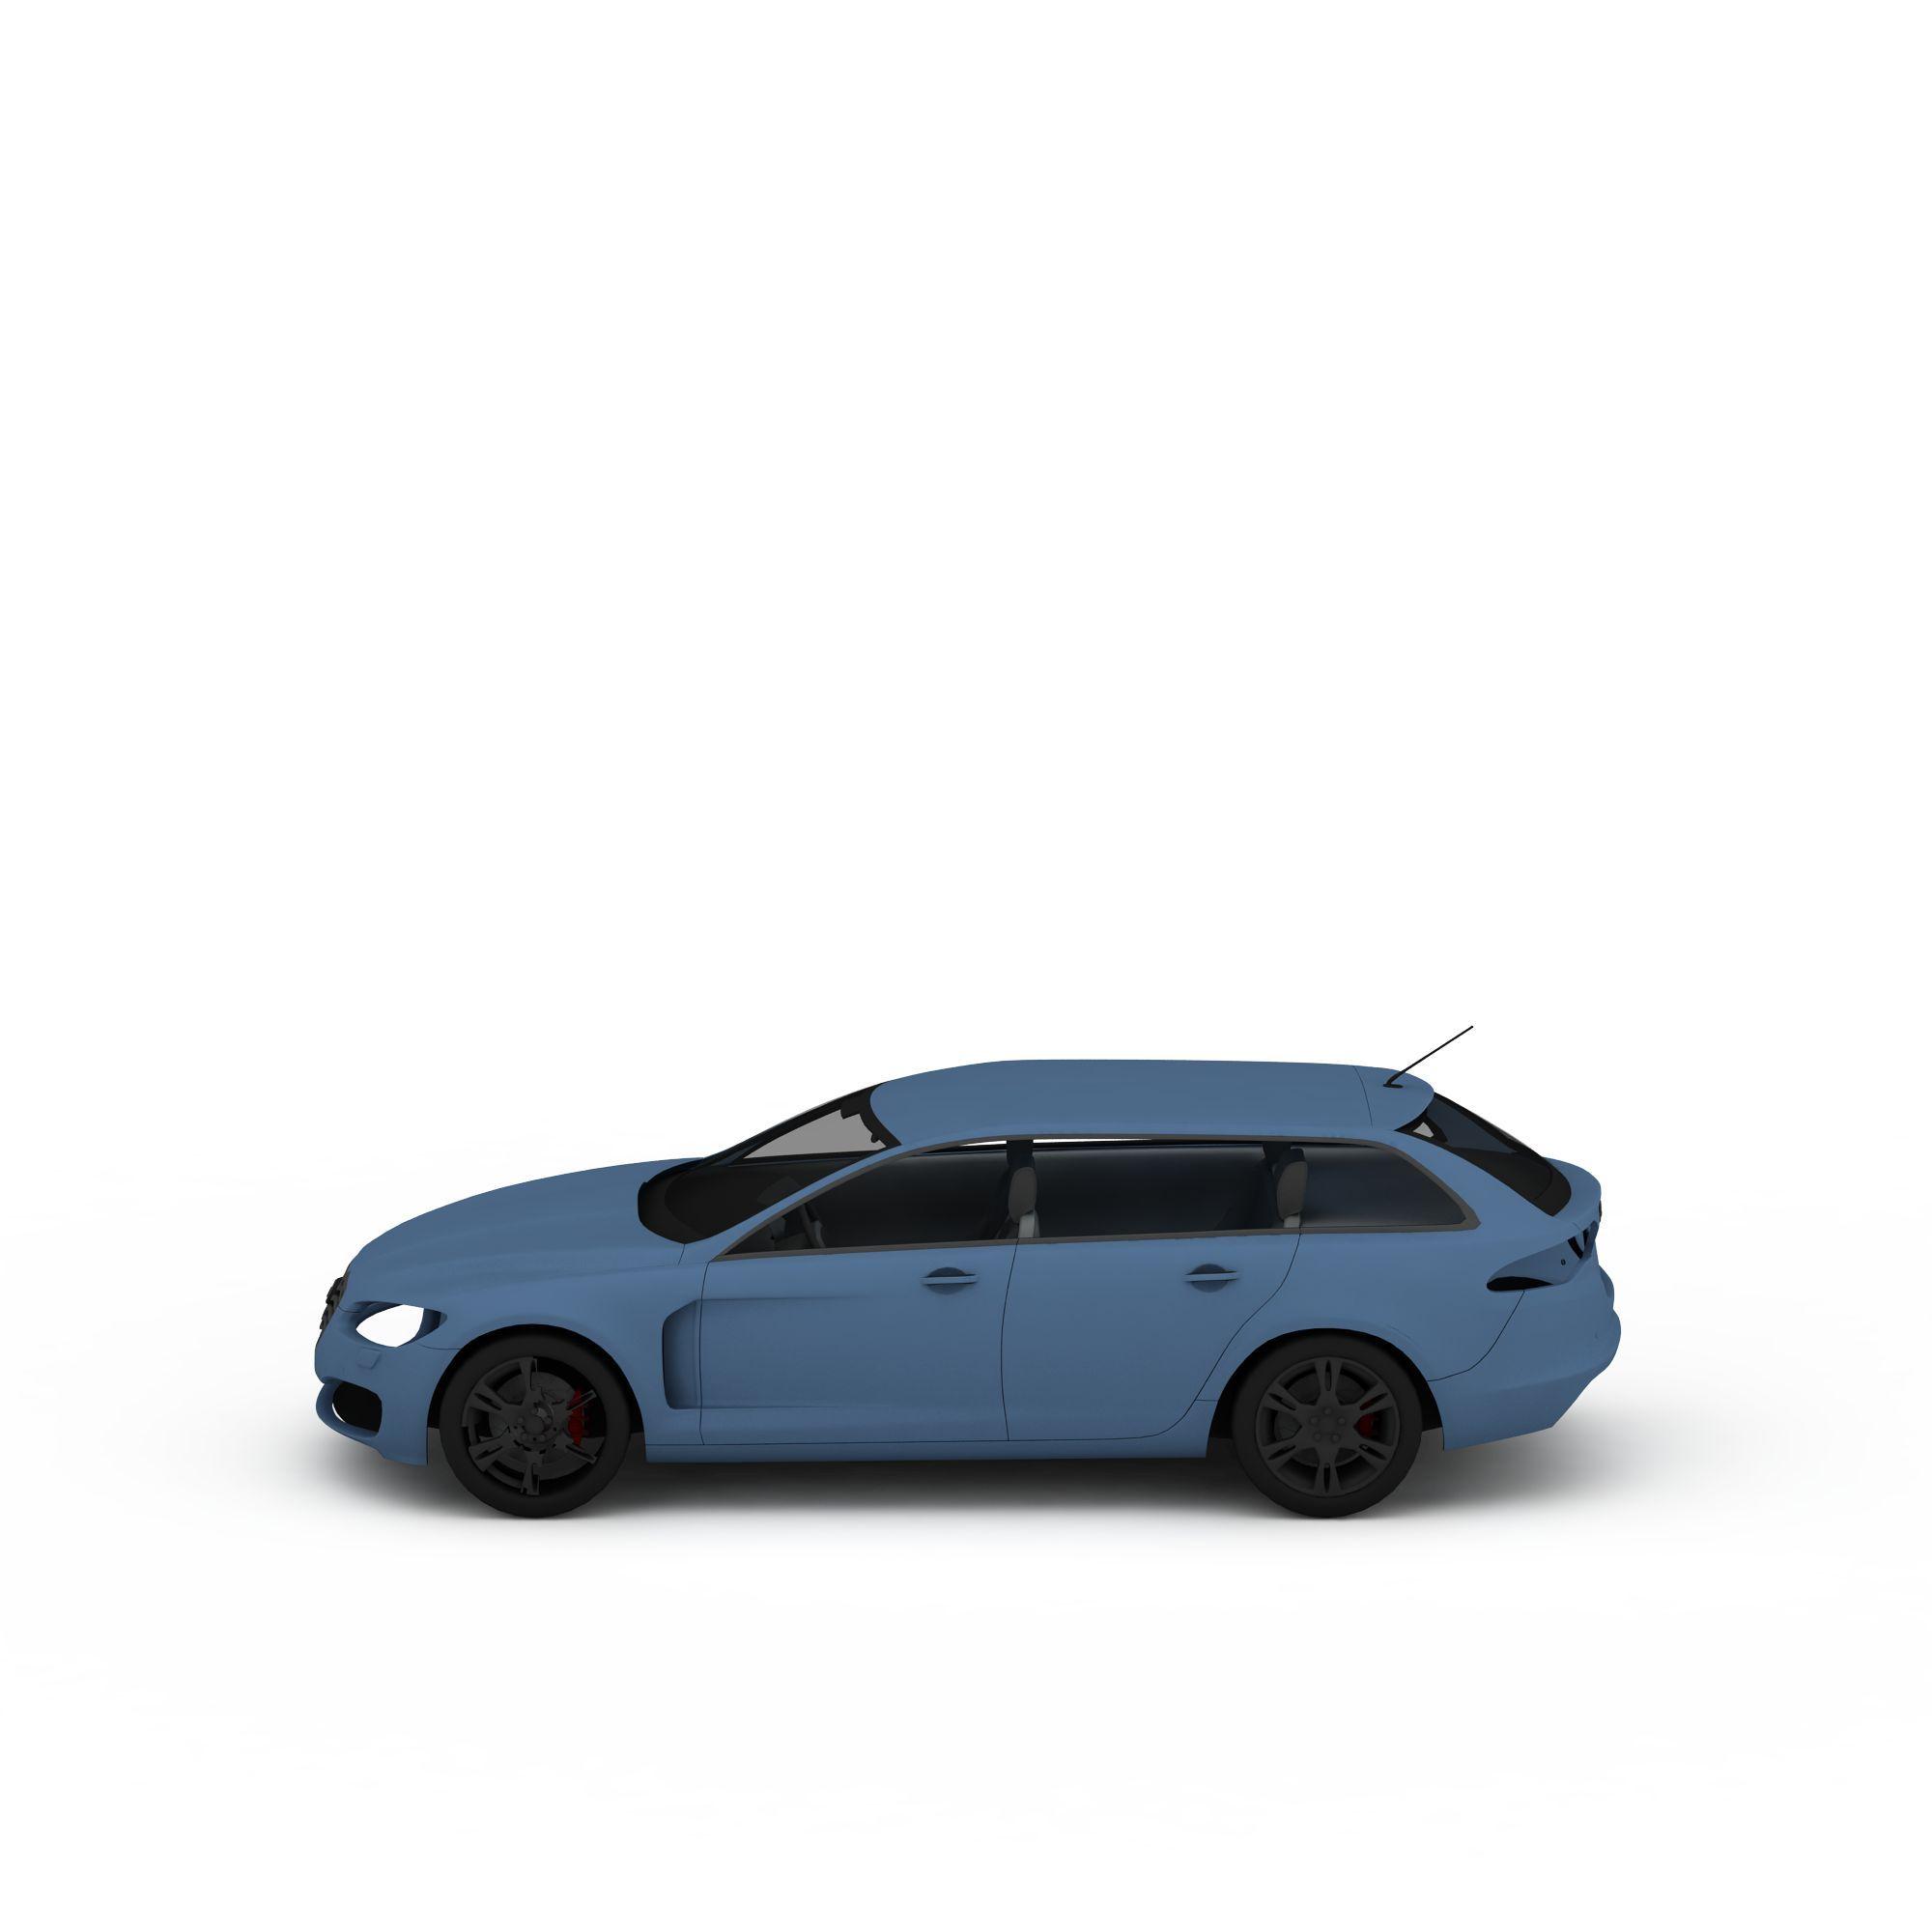 交通工具 机动车 迷你汽车3d模型 迷你汽车png高清图  迷你汽车高清图